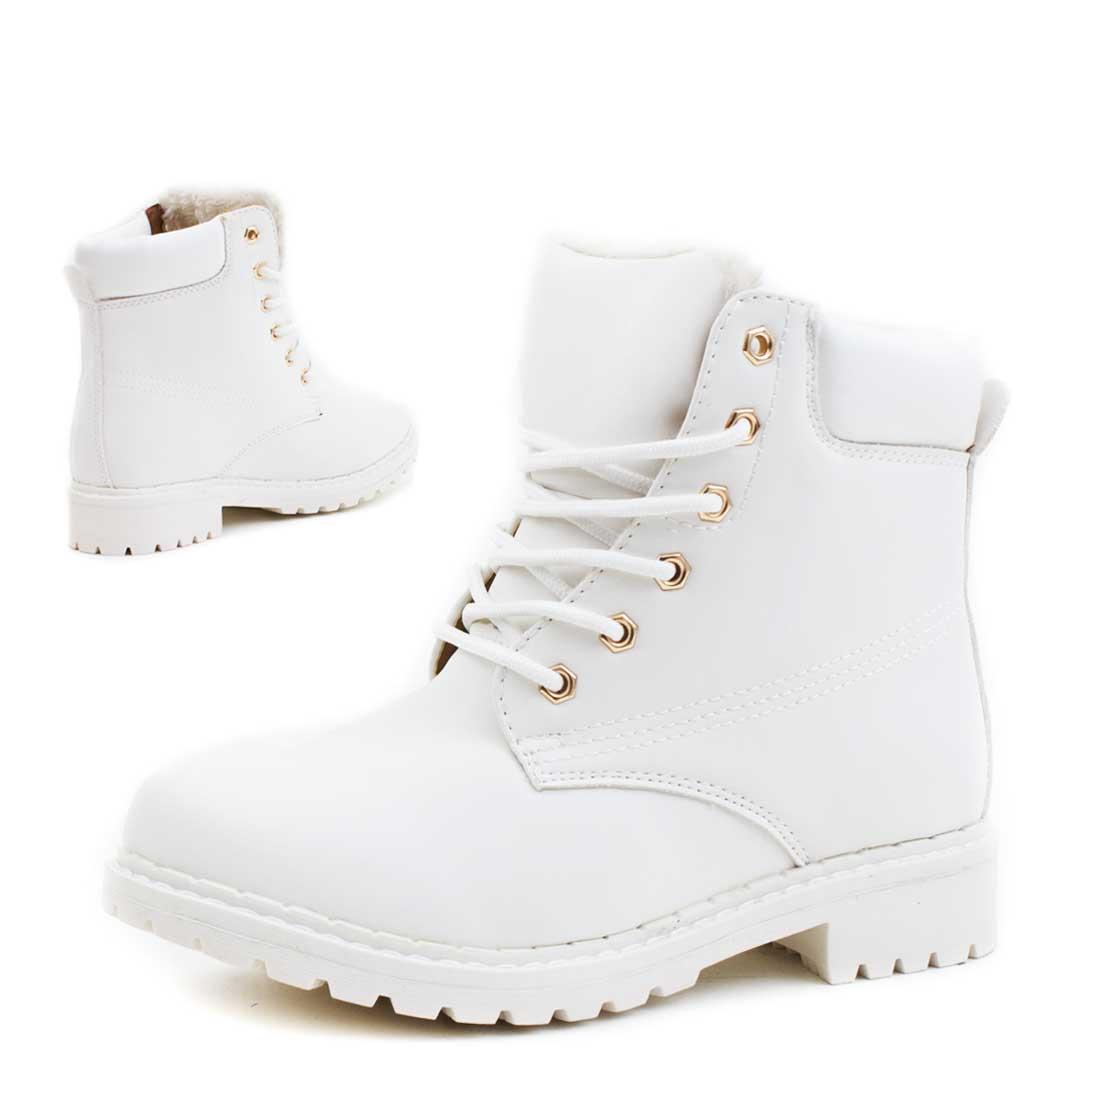 damen herren winter stiefel boots schuhe gef ttert 36 37. Black Bedroom Furniture Sets. Home Design Ideas